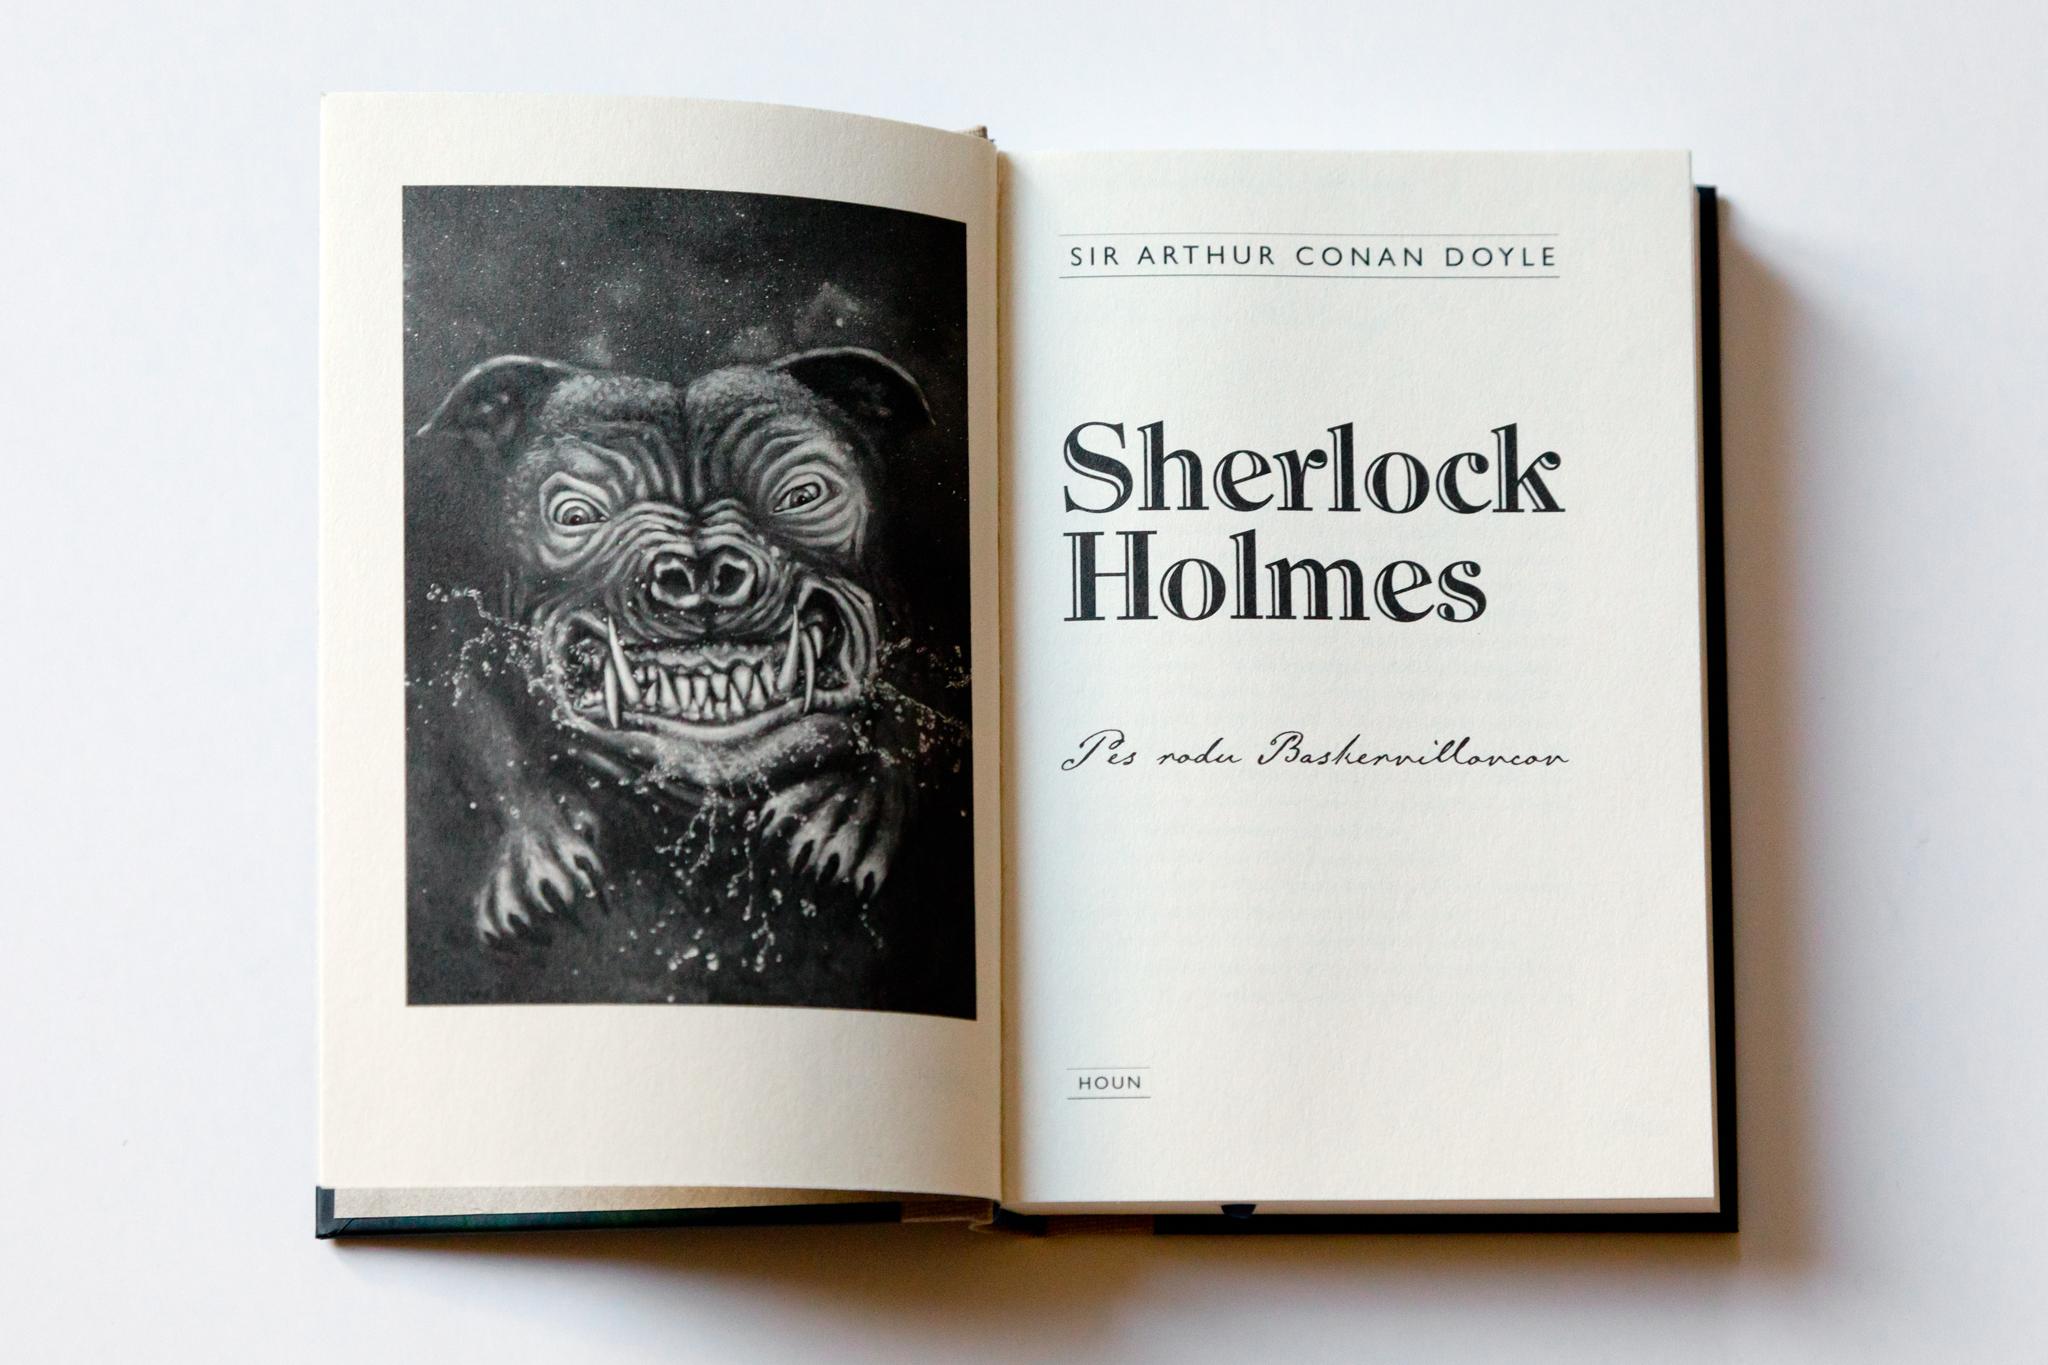 007_Sherlock Holmes_HOUN_3F3A9604